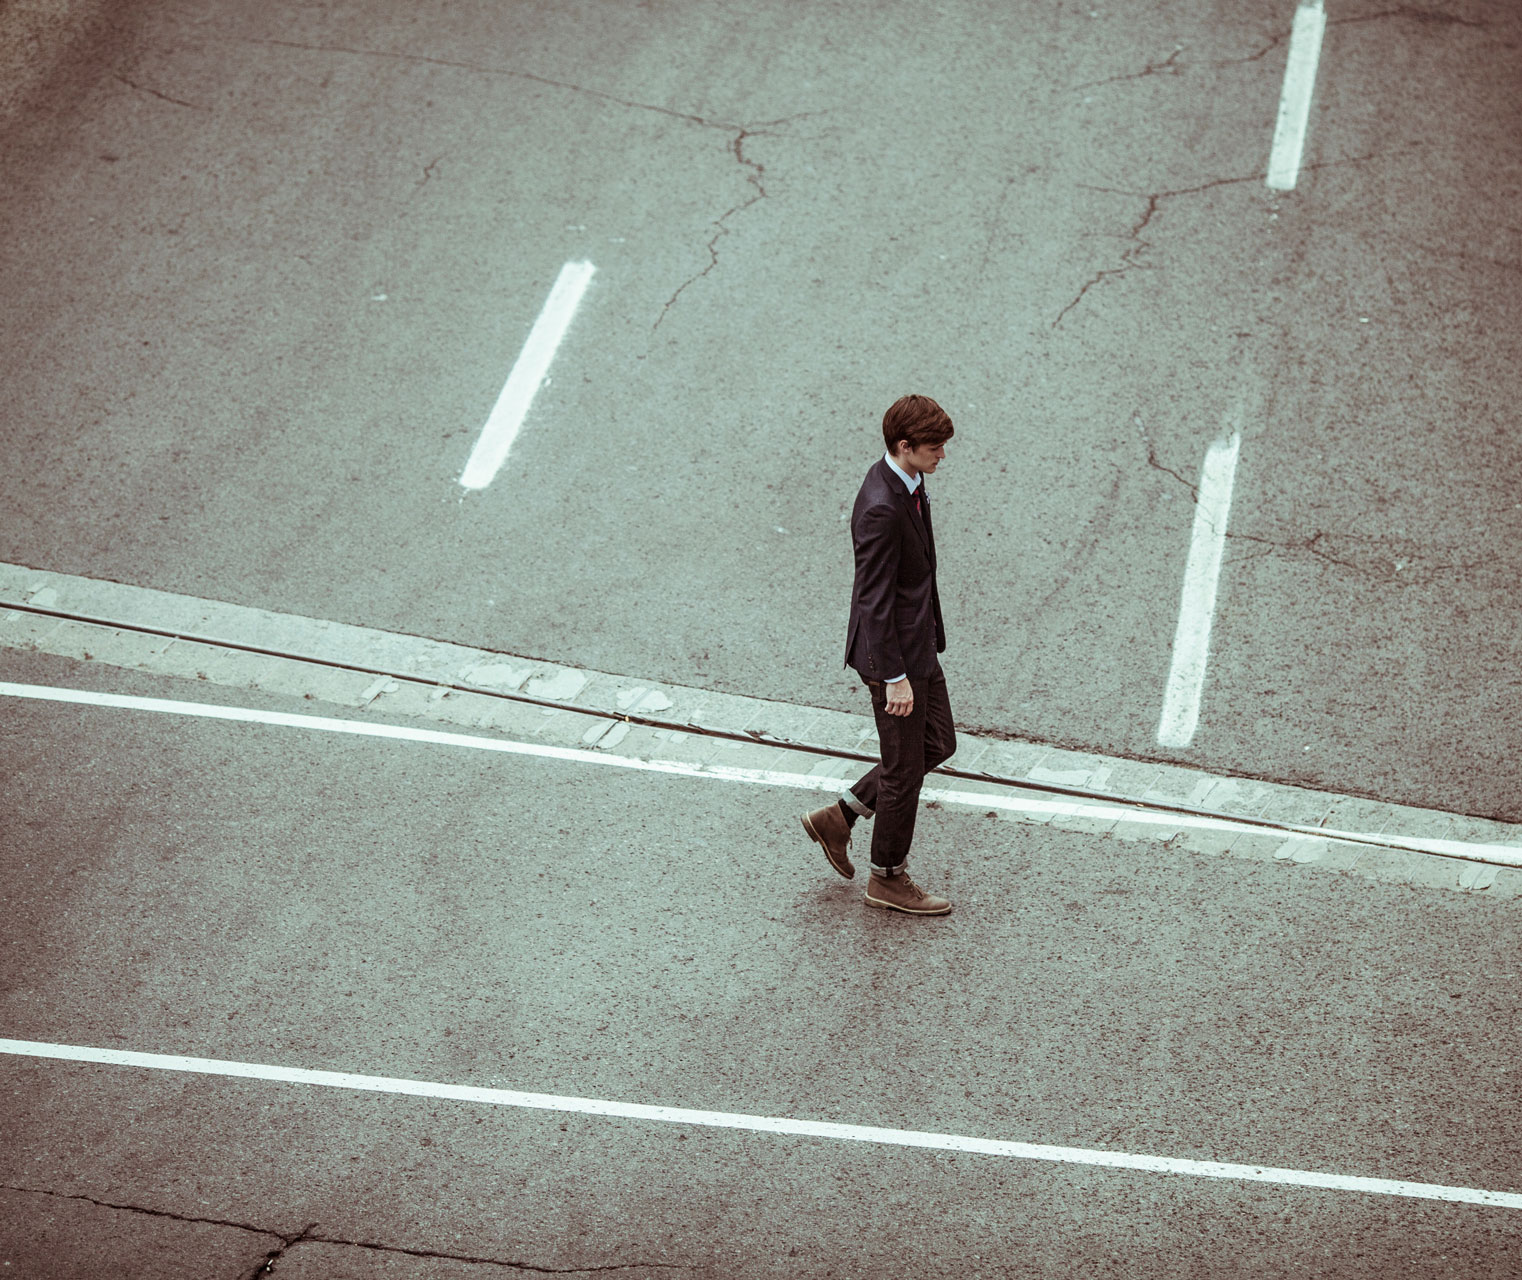 pedestrians-2